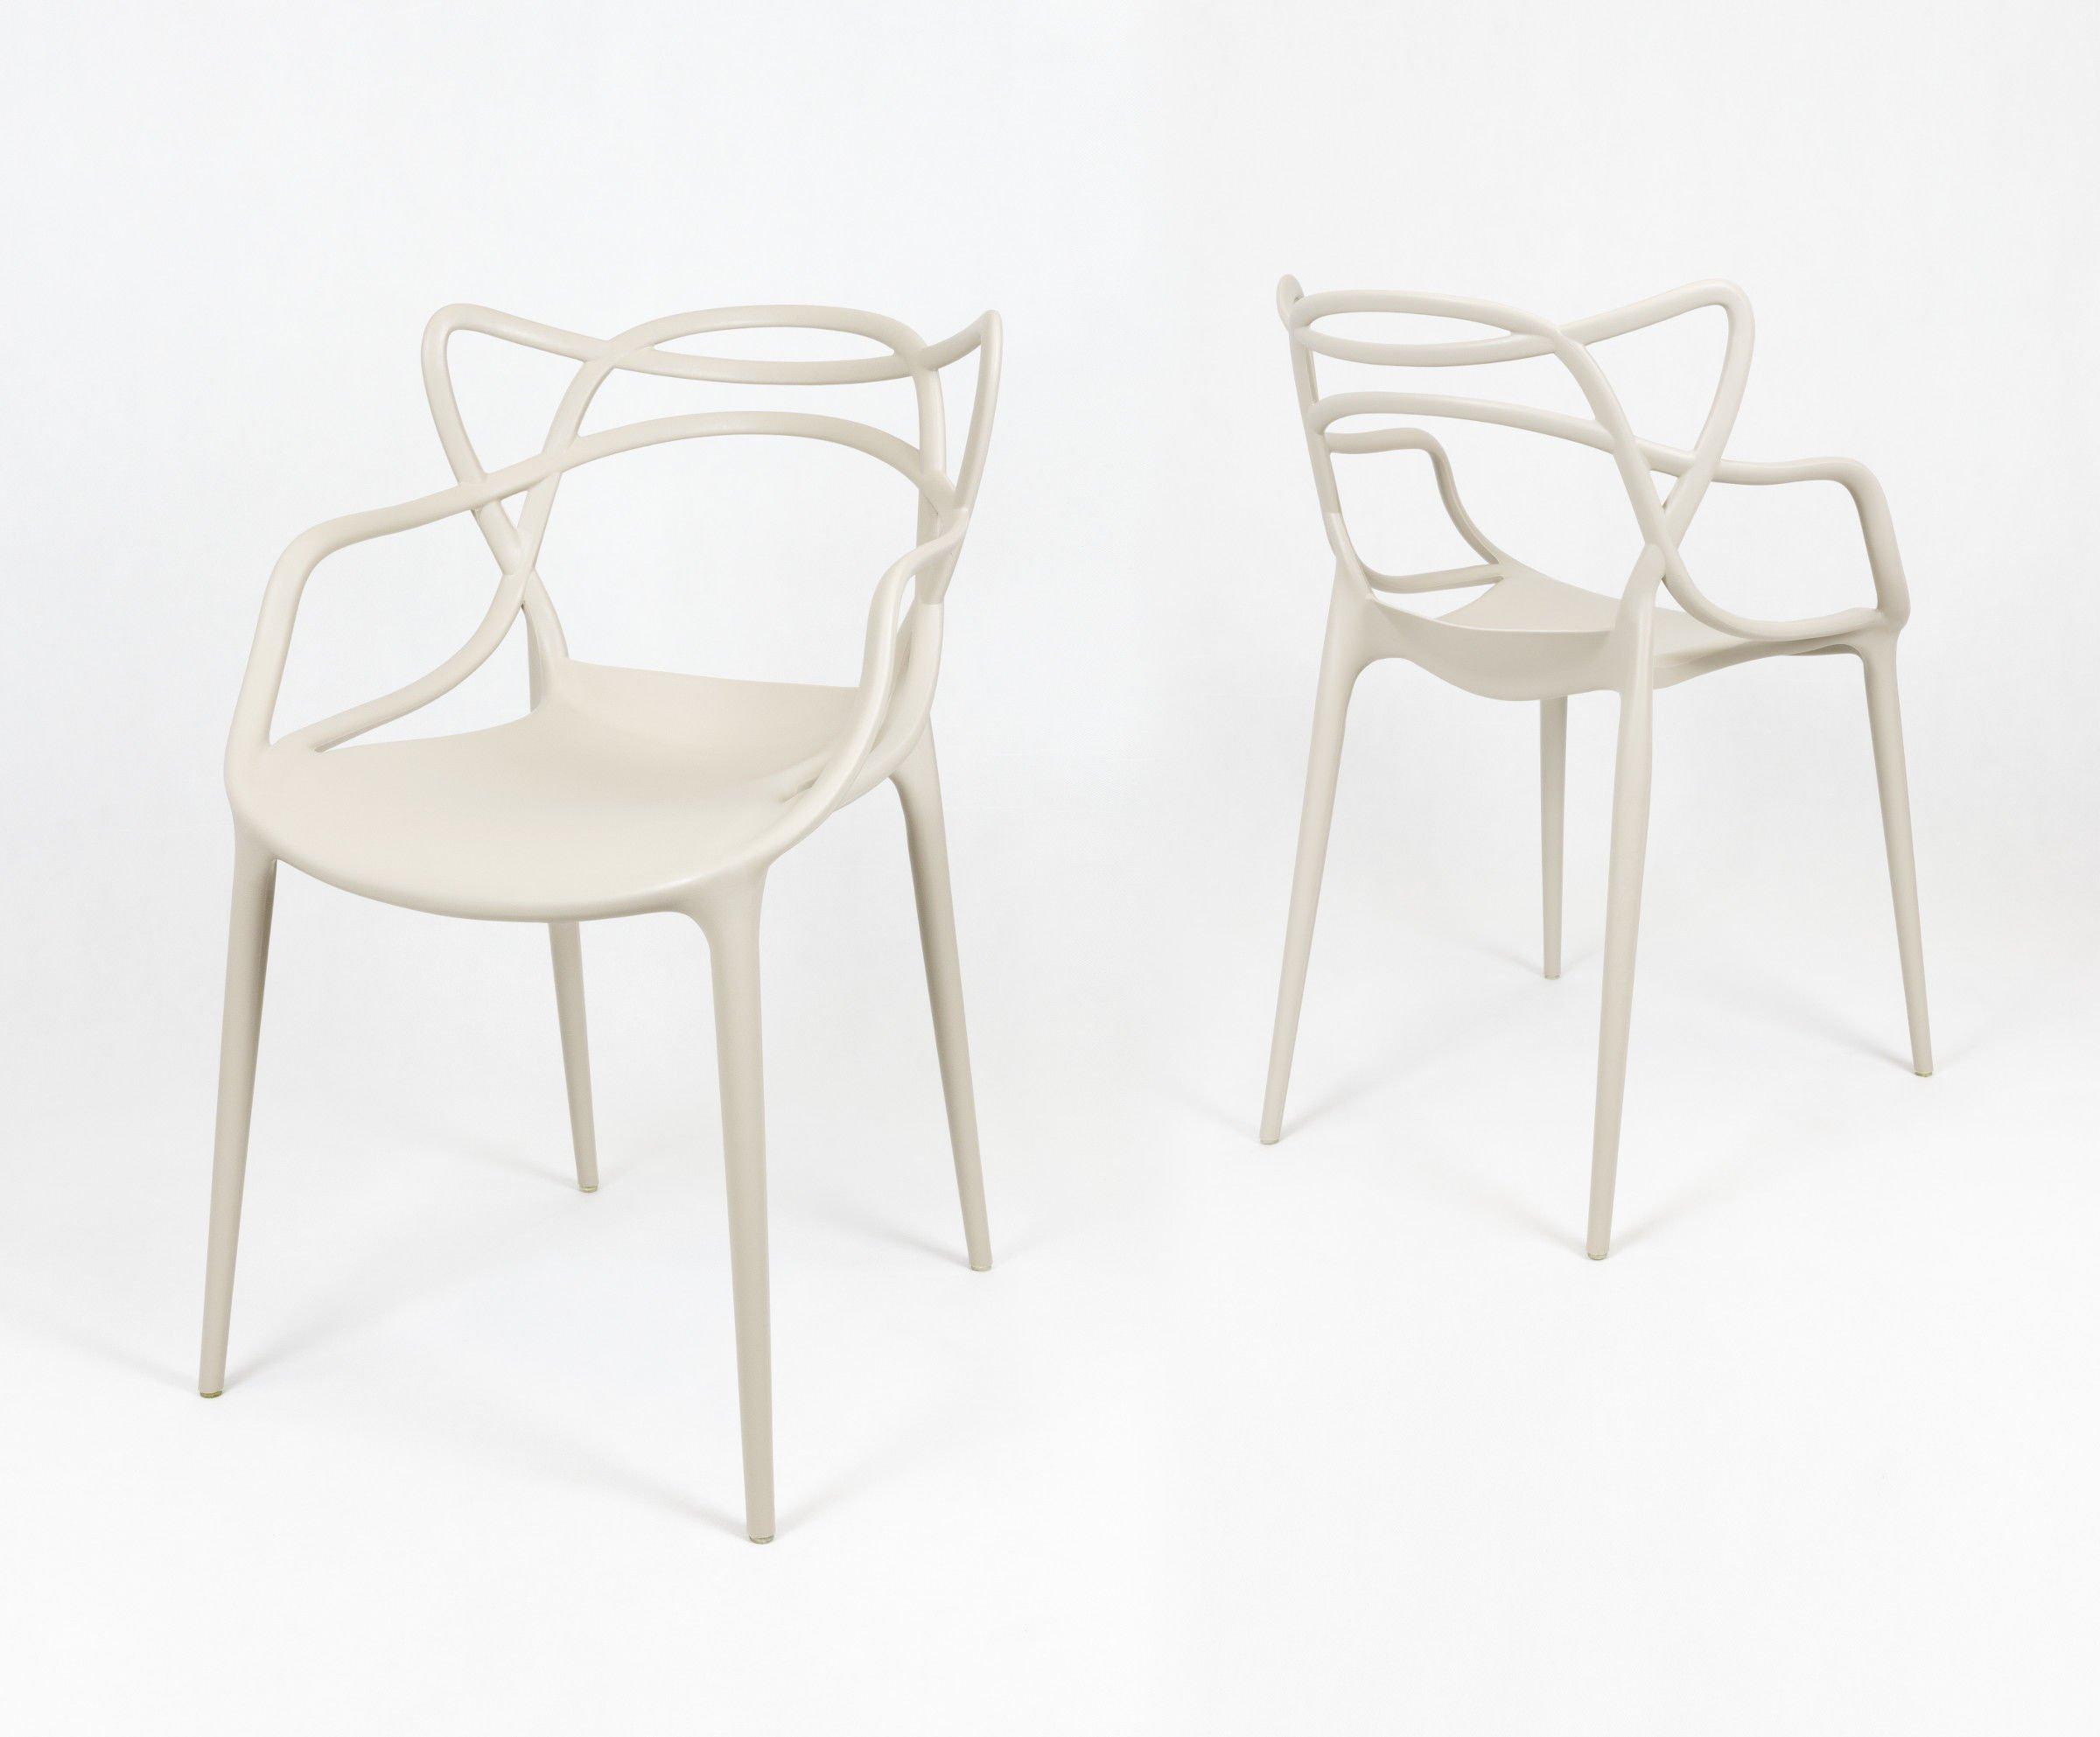 Schön Beige Stühle Sammlung Von Sk Design Kr013 Stuhl Kliknij, Aby Powiększyć